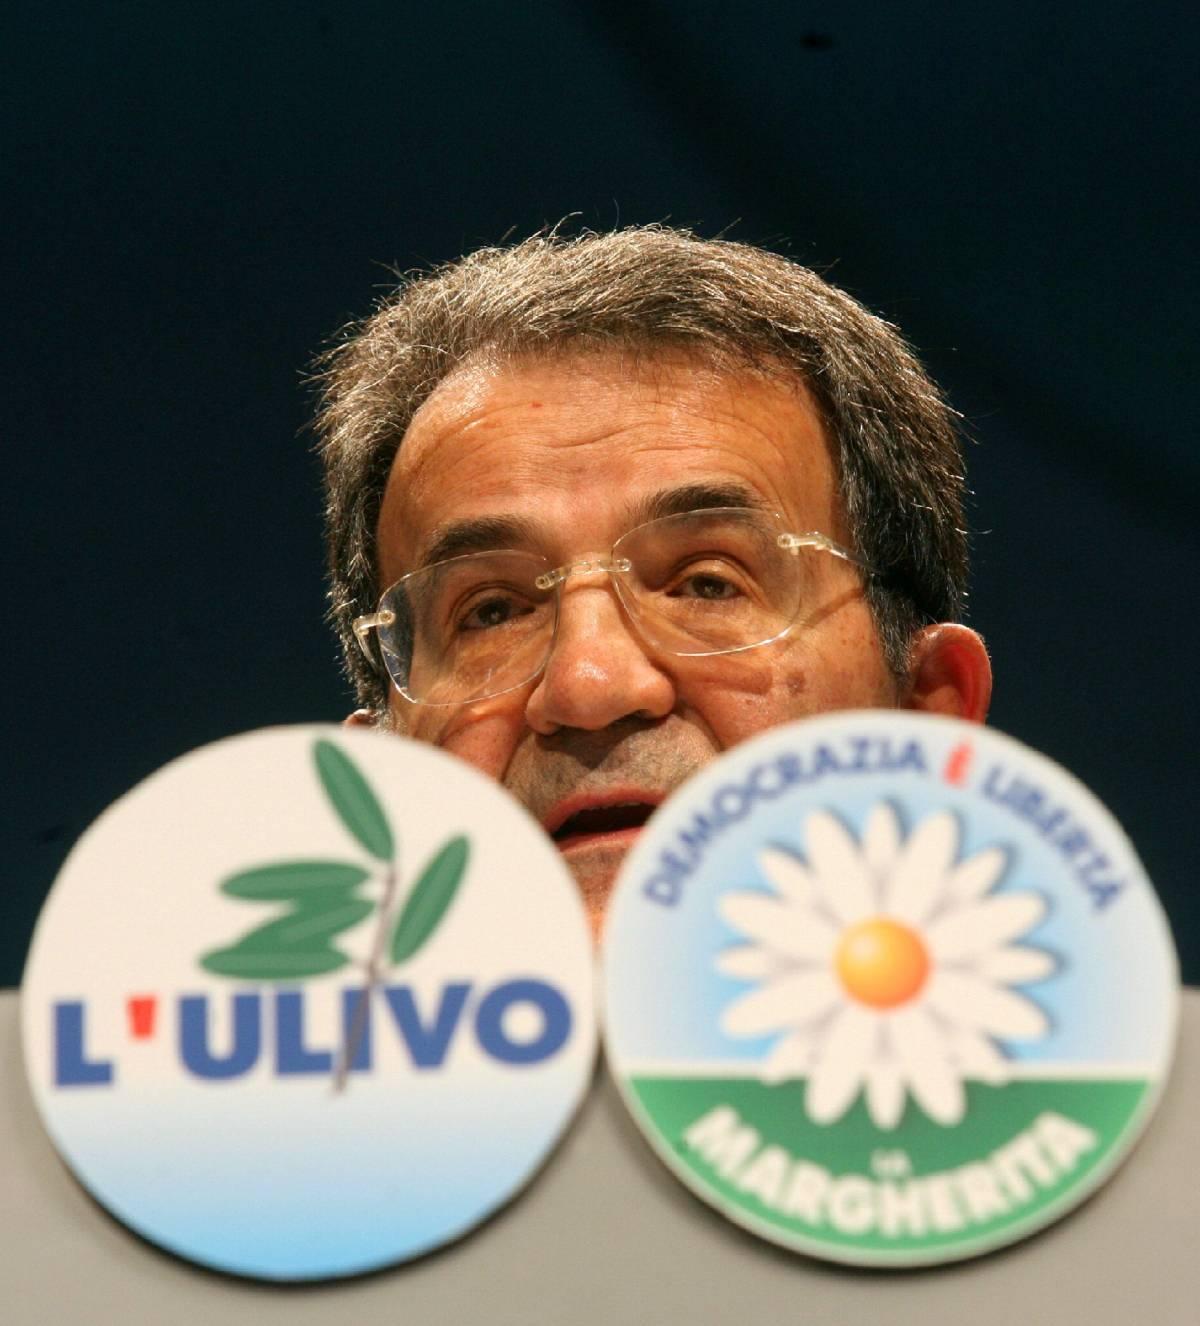 Chi ha ucciso la sinistra? Ora Prodi accusa Blair